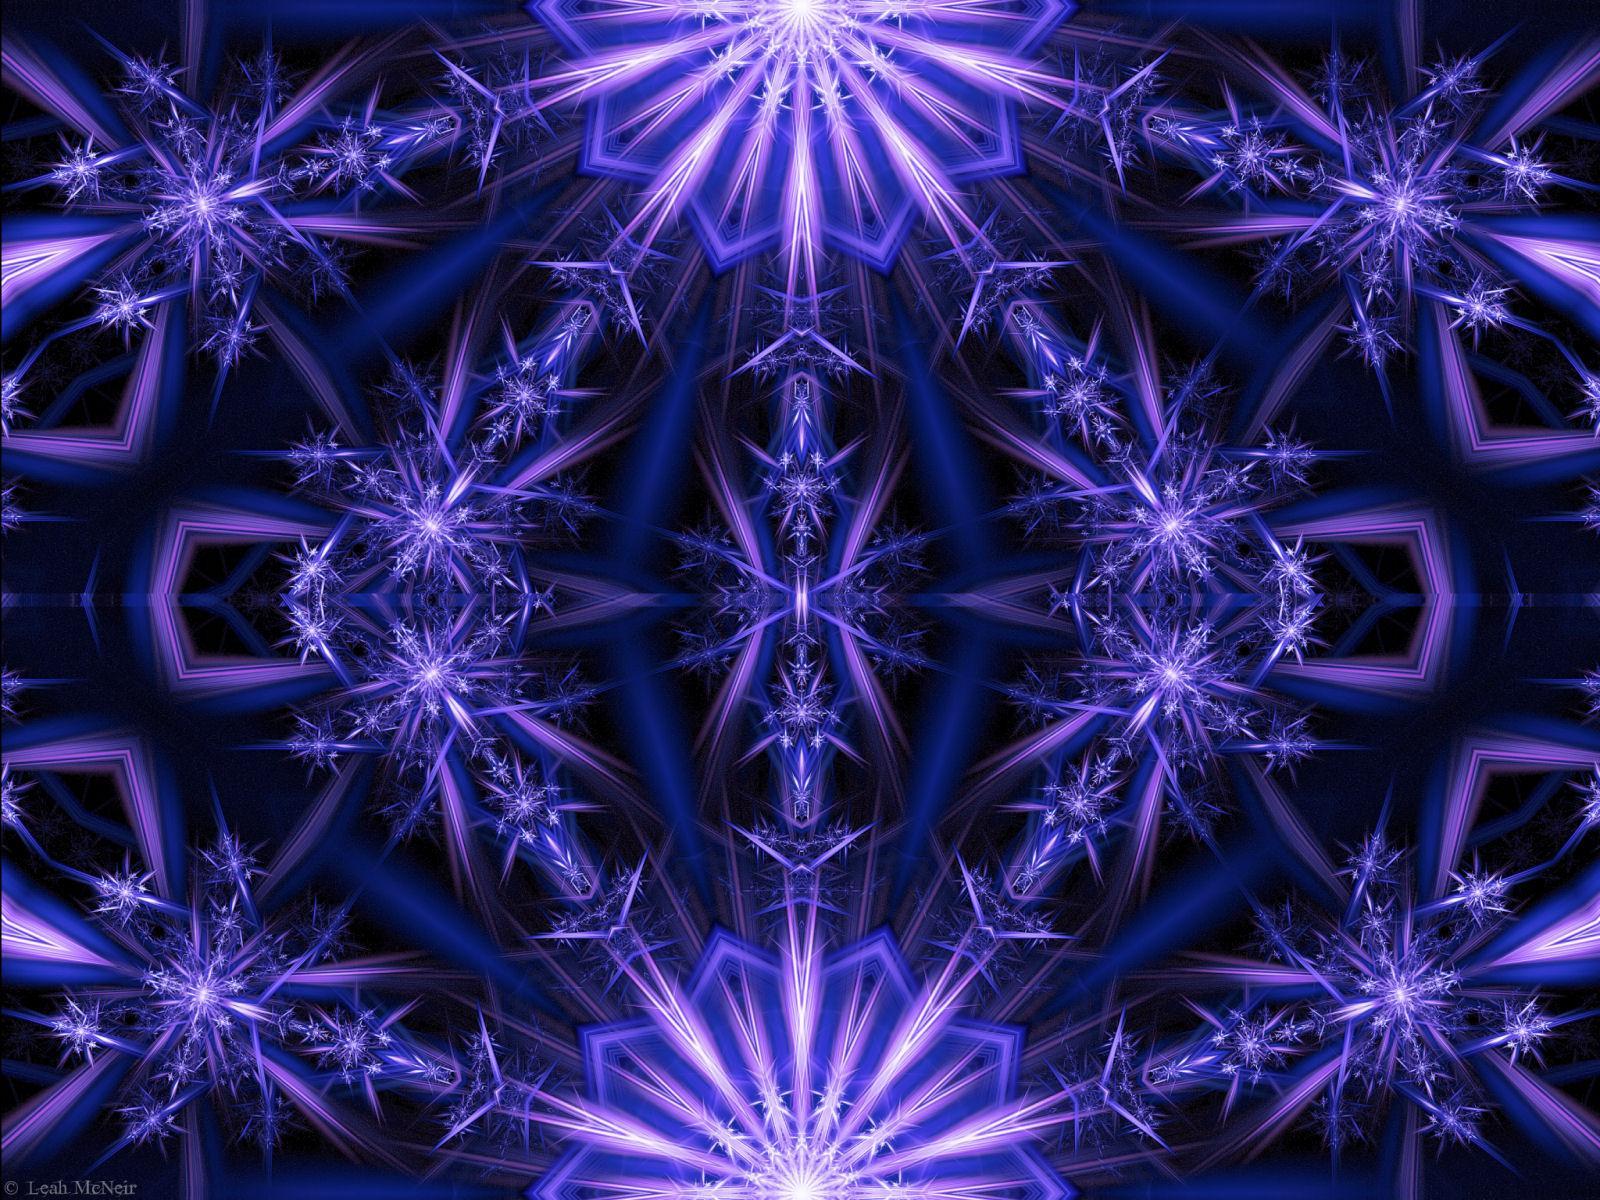 Resultados da Pesquisa de imagens do Google para http://celestialdreams.files.wordpress.com/2009/03/mana-star-blue-lm-fractal-wallpaper-art.jpg